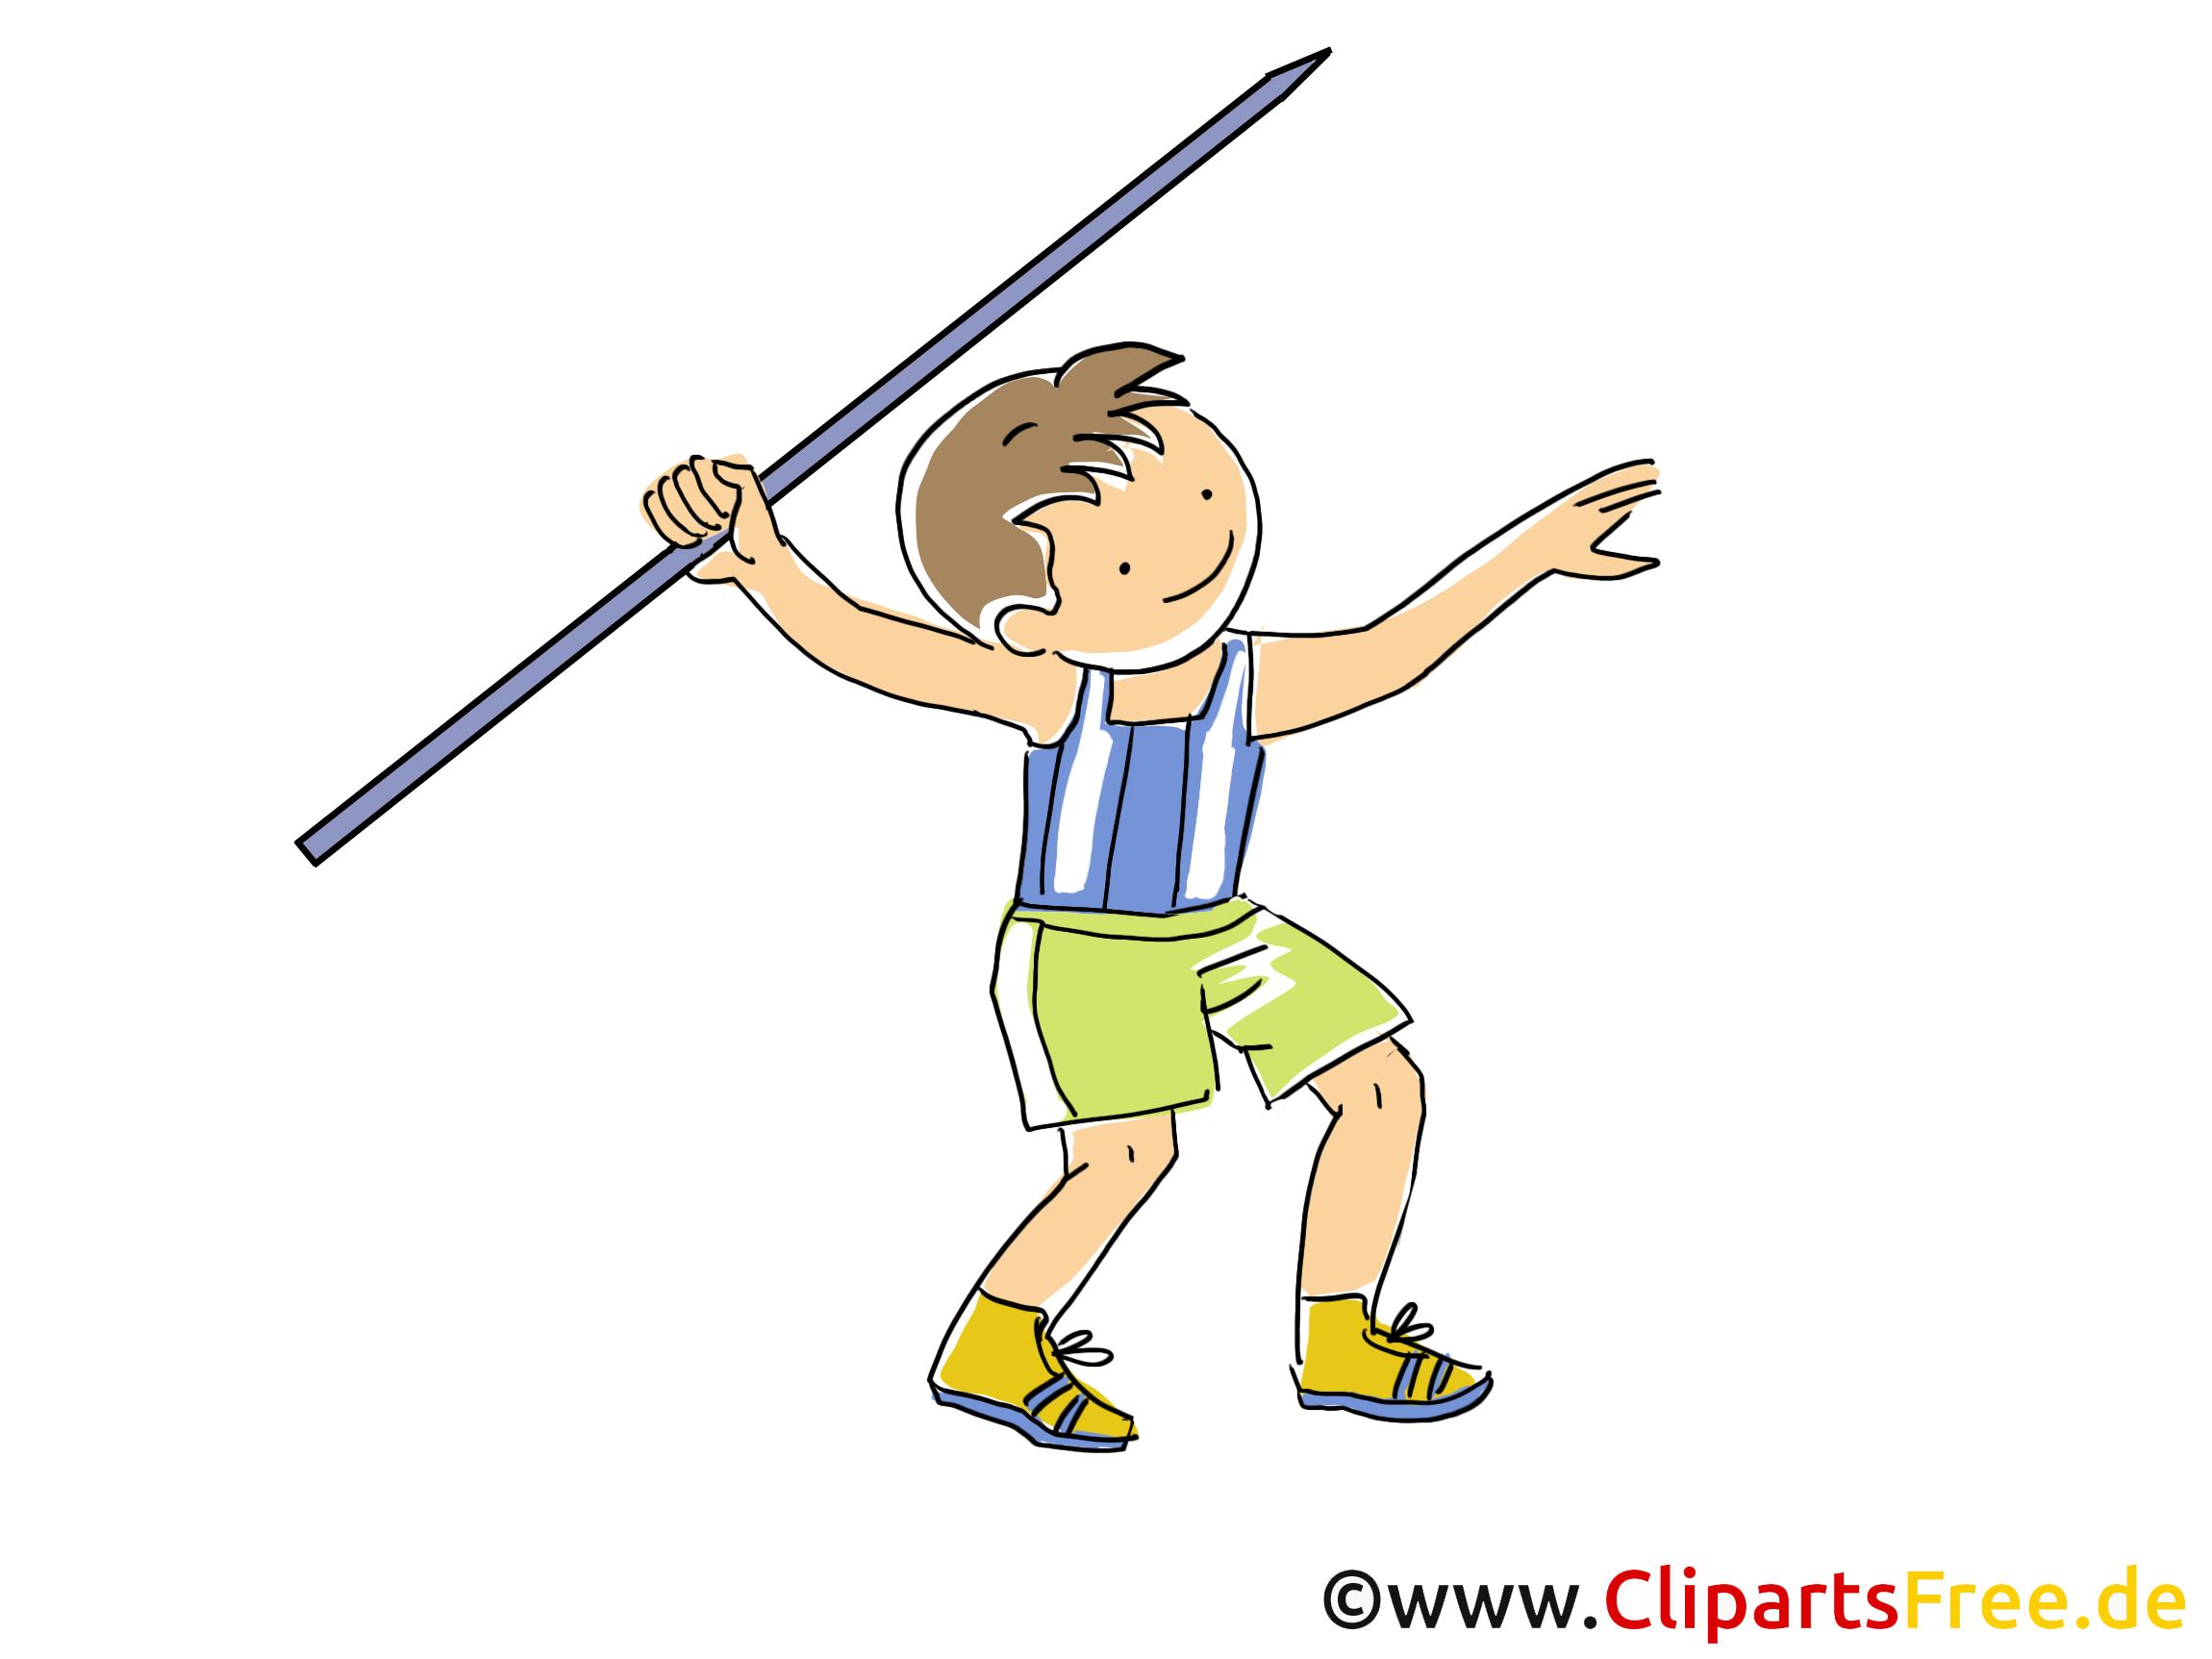 Japanes Erwachsenen Cartoons Galerie Bilder